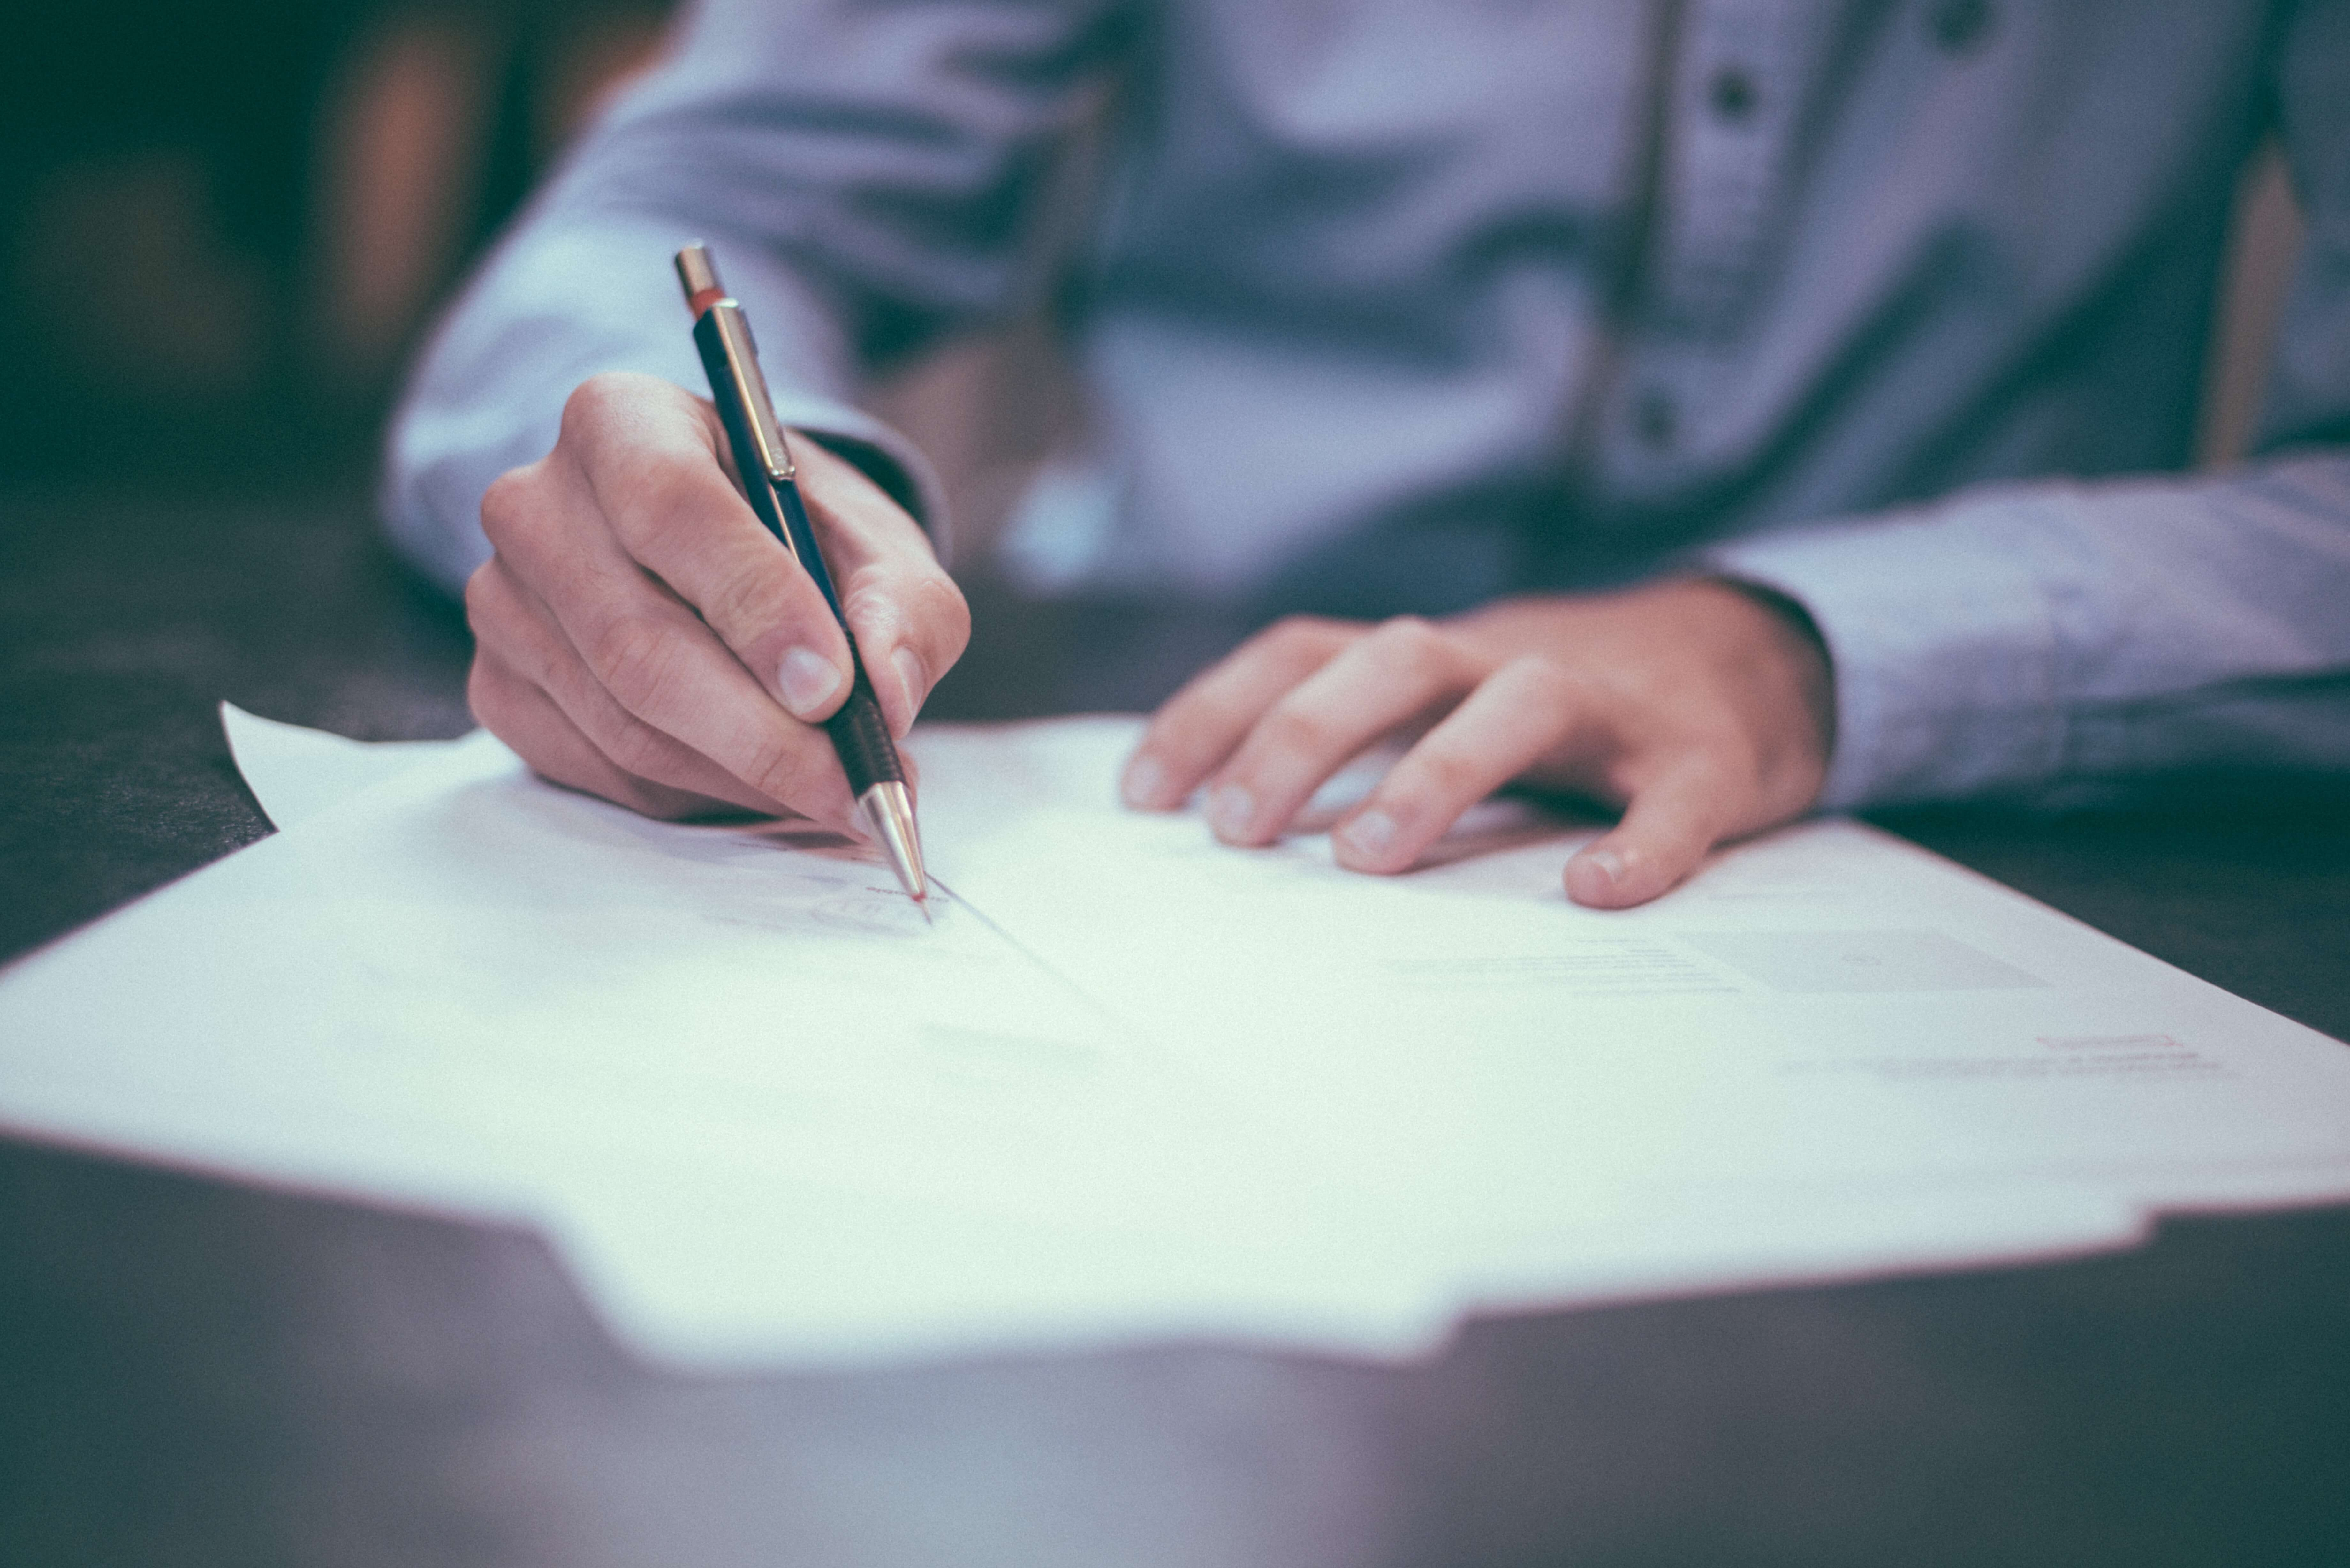 juridisch beste advies ontslagrecht arbeidsjurist advocatenkantoor